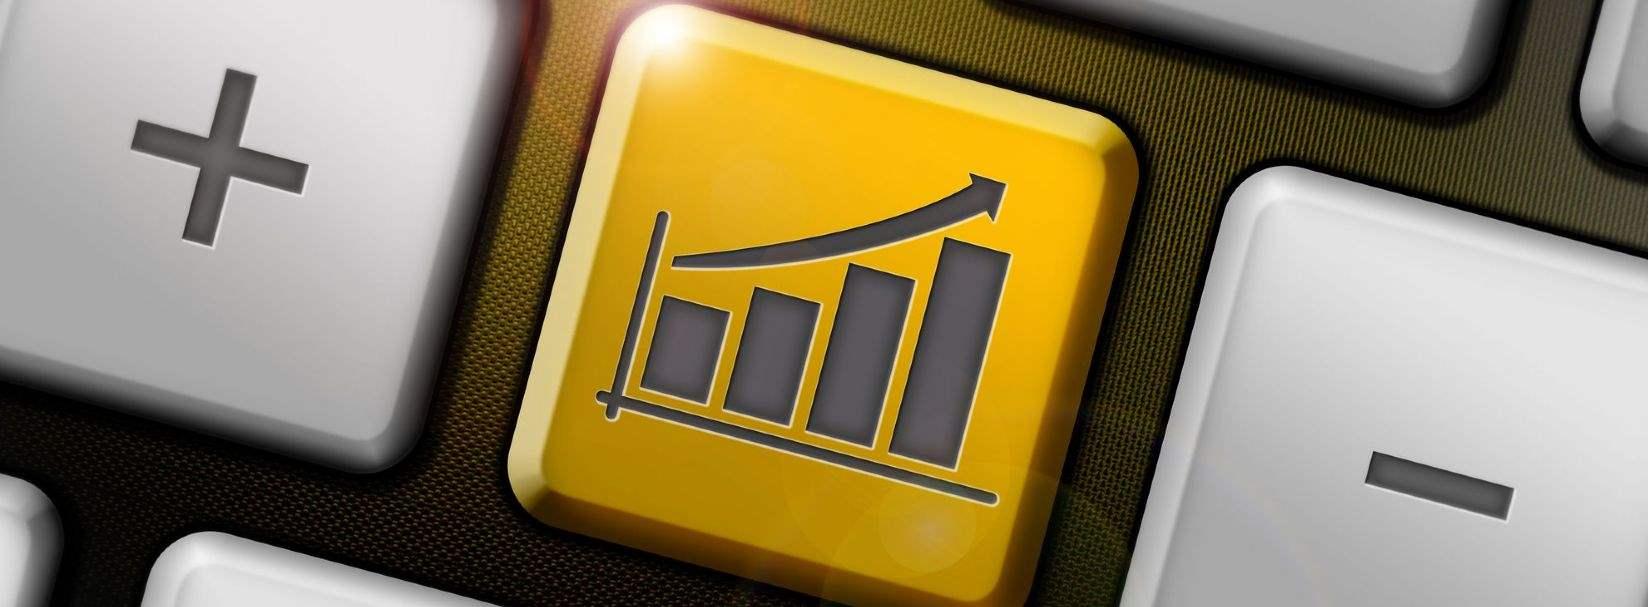 Von überfüllten Anlagehäfen und dem Boom der Alternatives